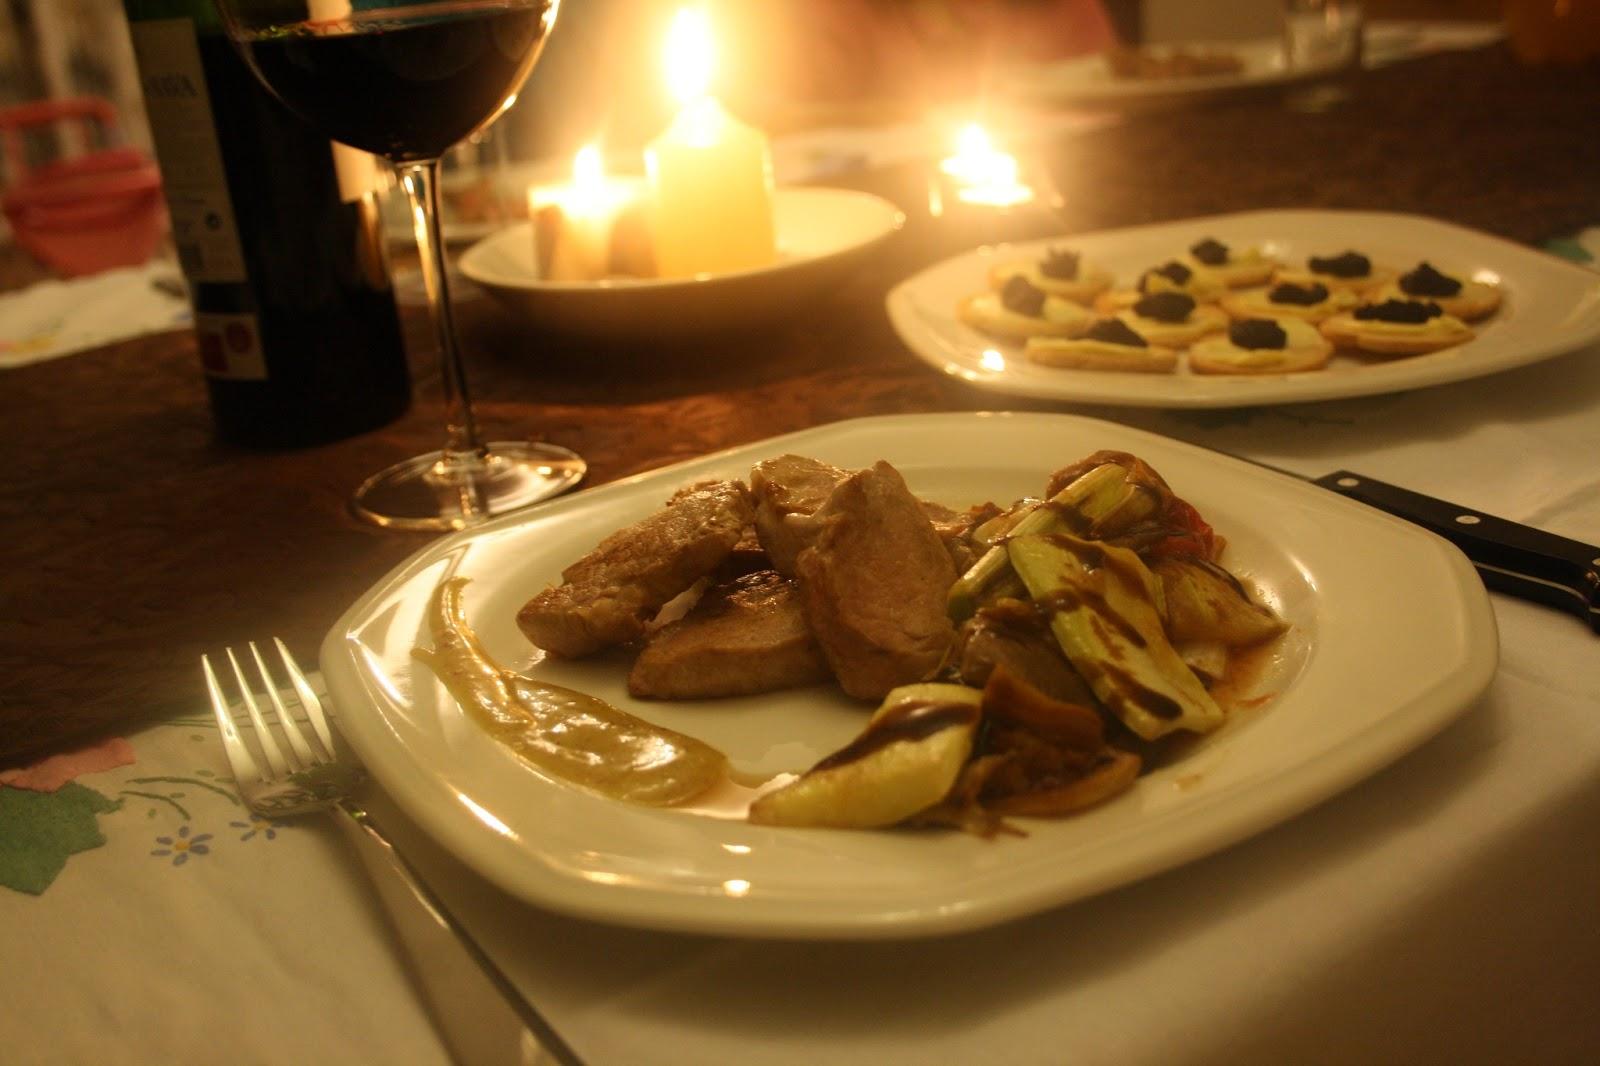 La cocina de maricarmen cena para dos - Cocinas maricarmen ...